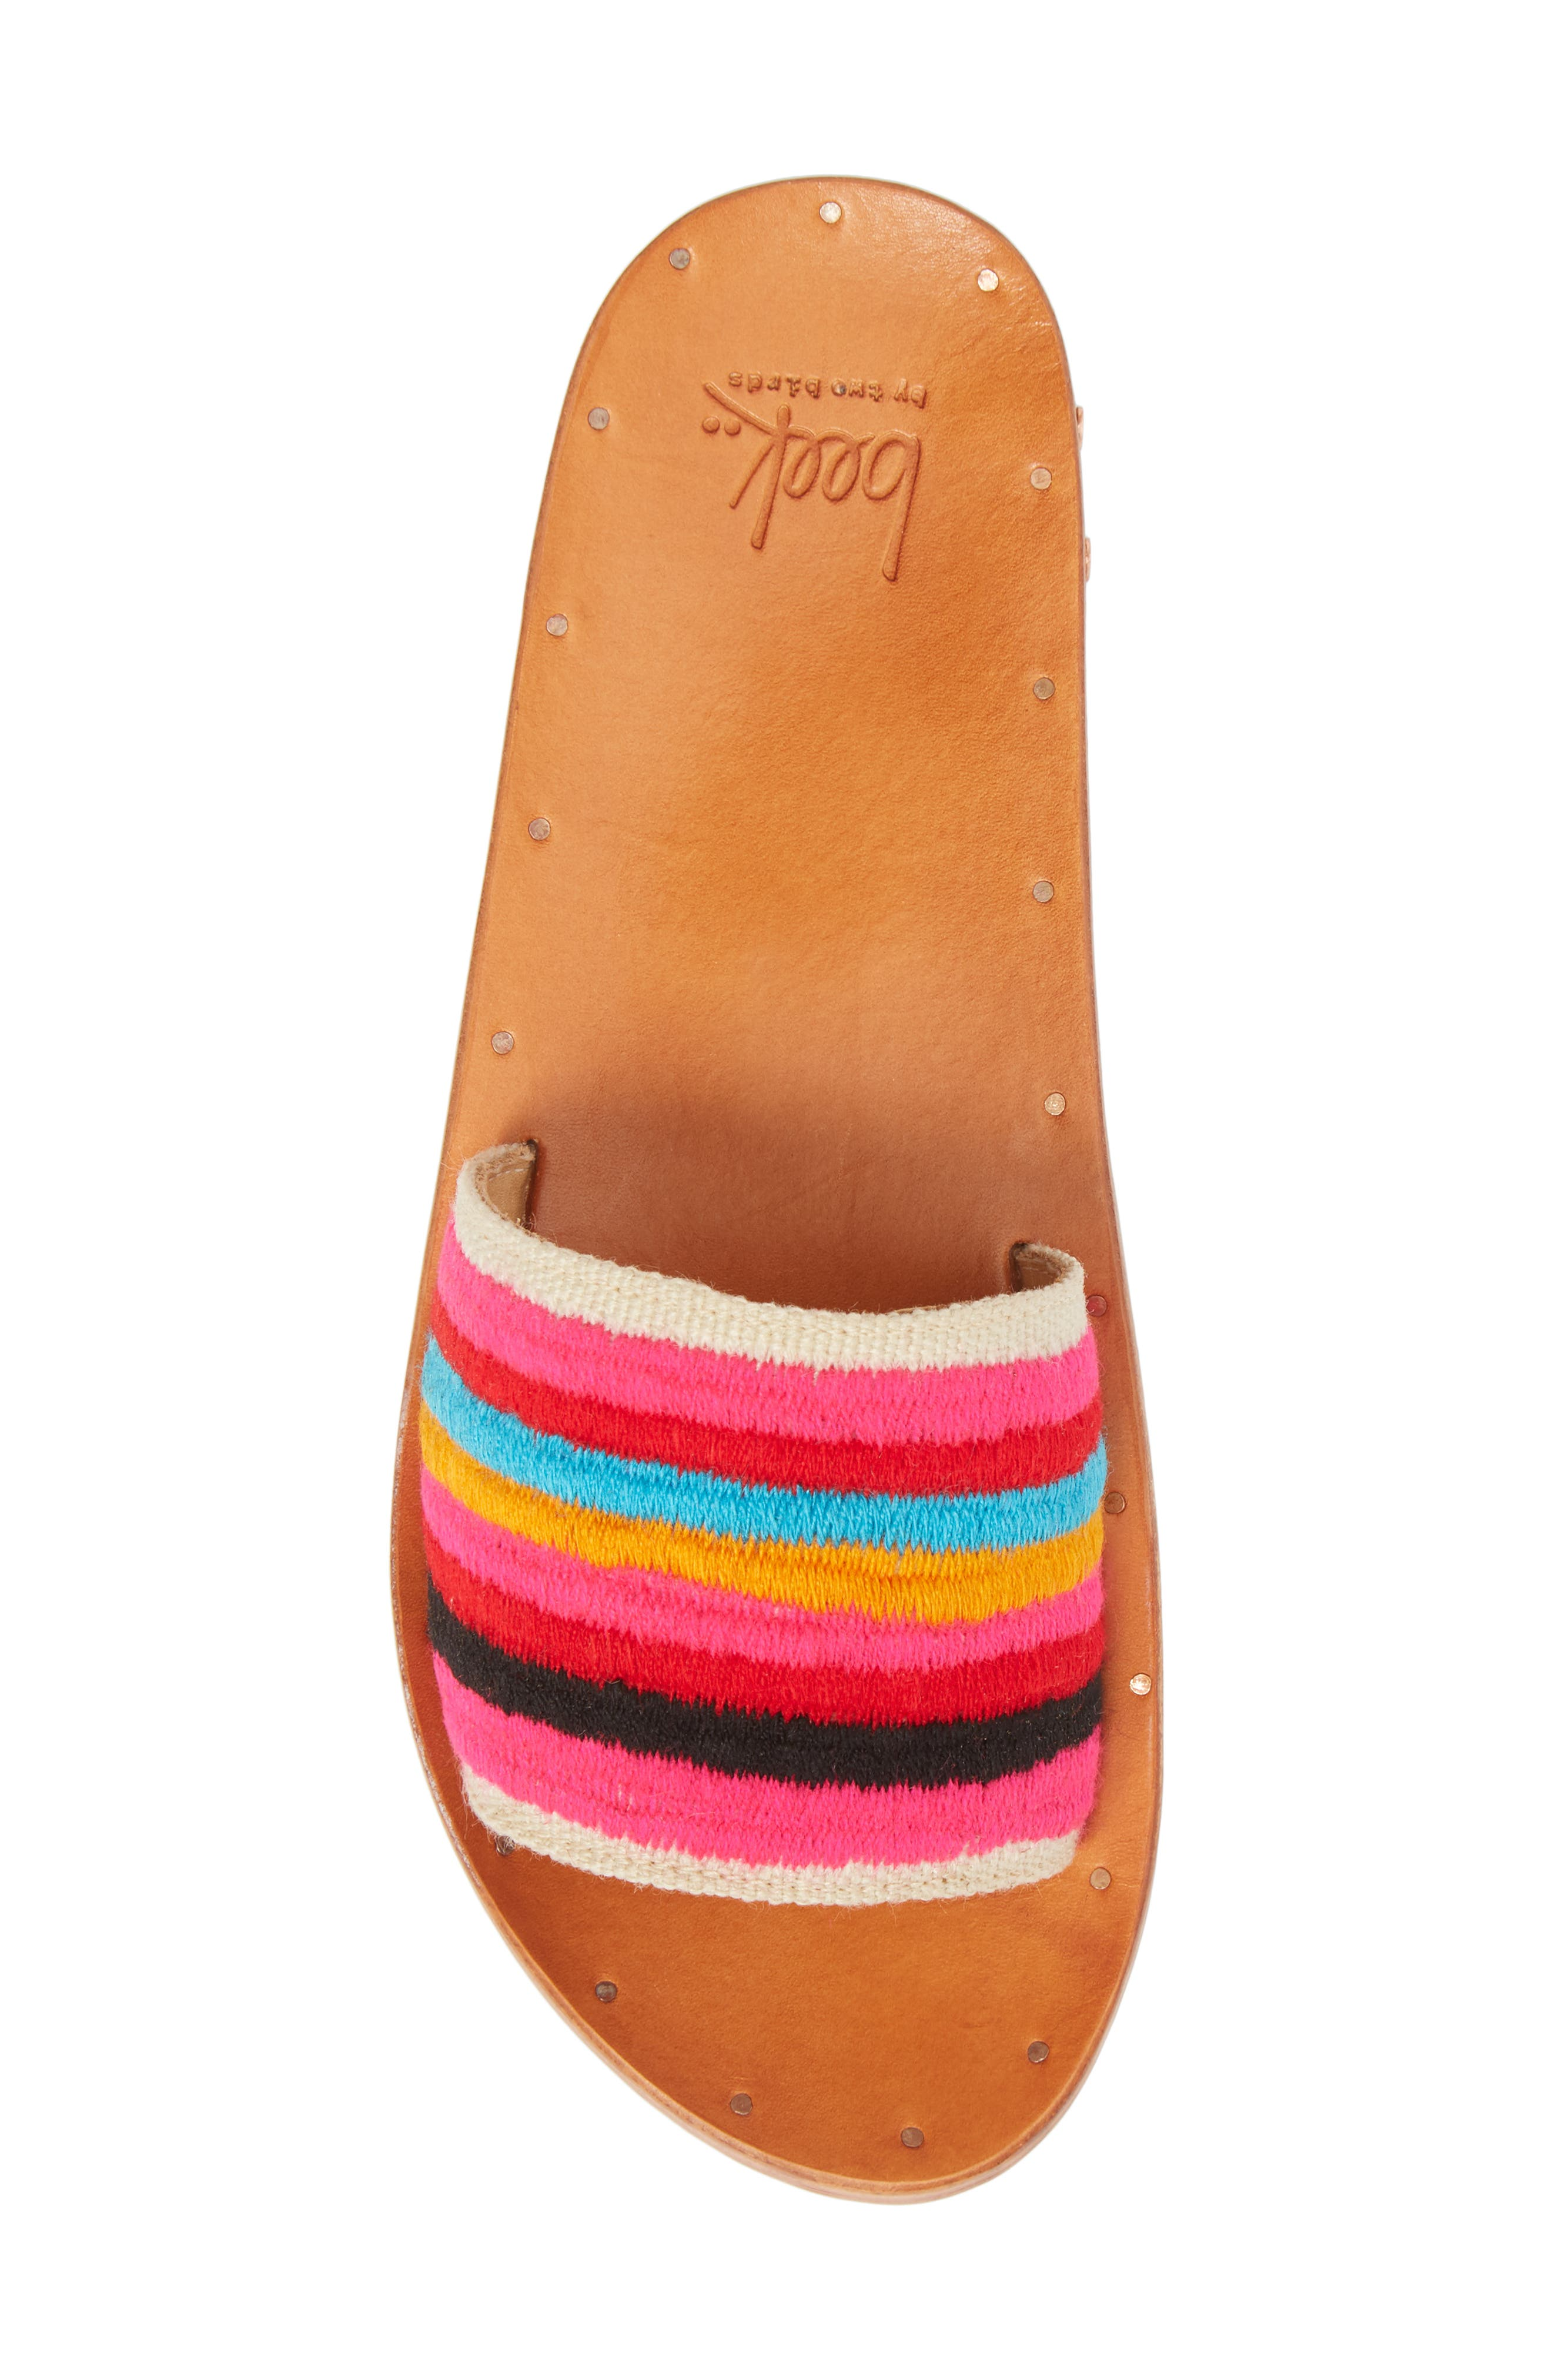 Lovebird Embroidered Slide Sandal,                             Alternate thumbnail 5, color,                             Multi/ Tan